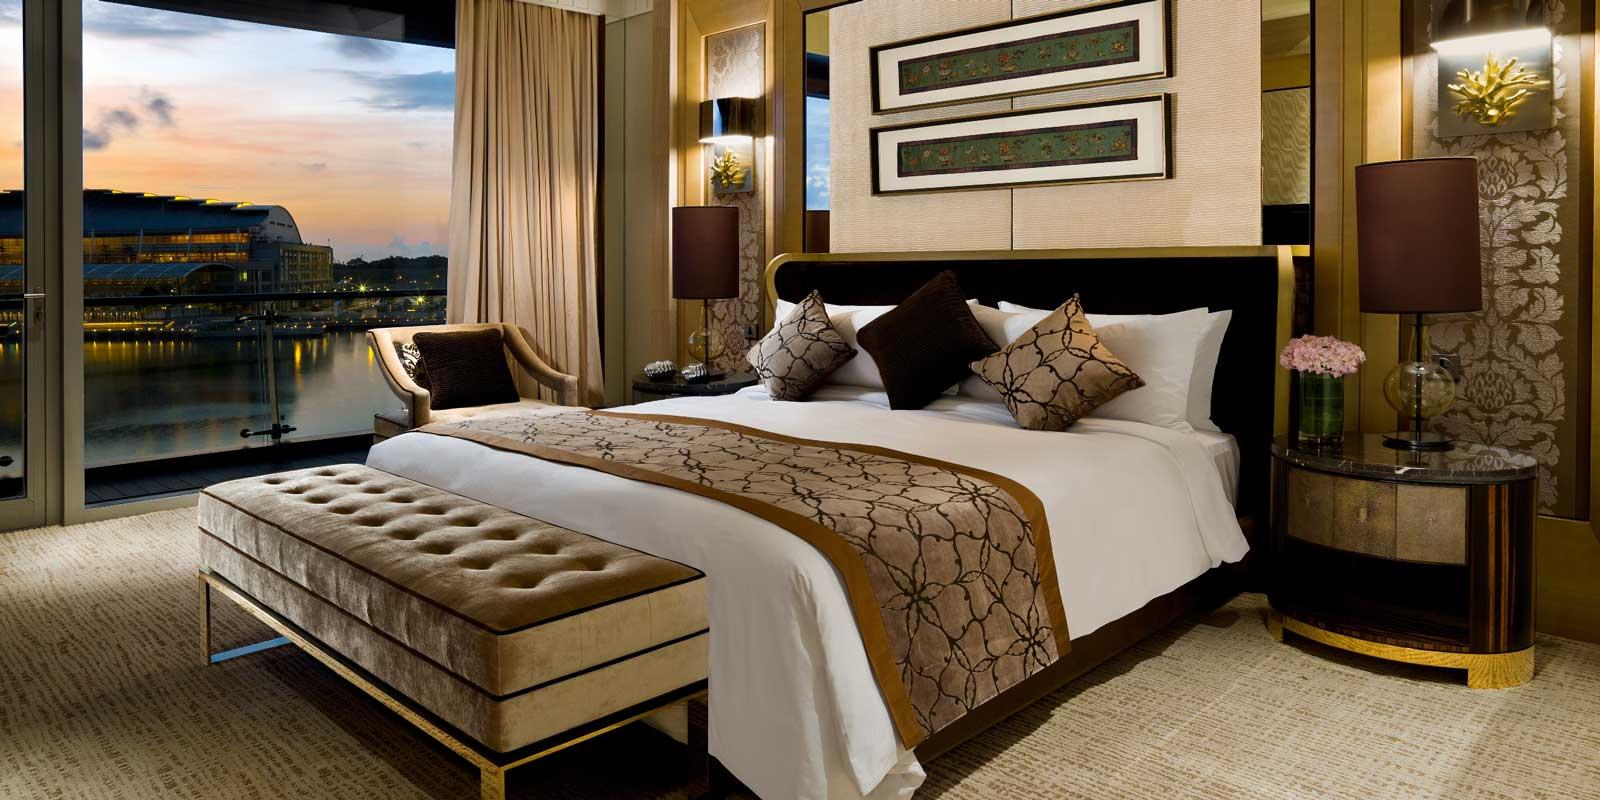 Presidential Suite | Hotel Suites in Singapore | Rooms & Suites